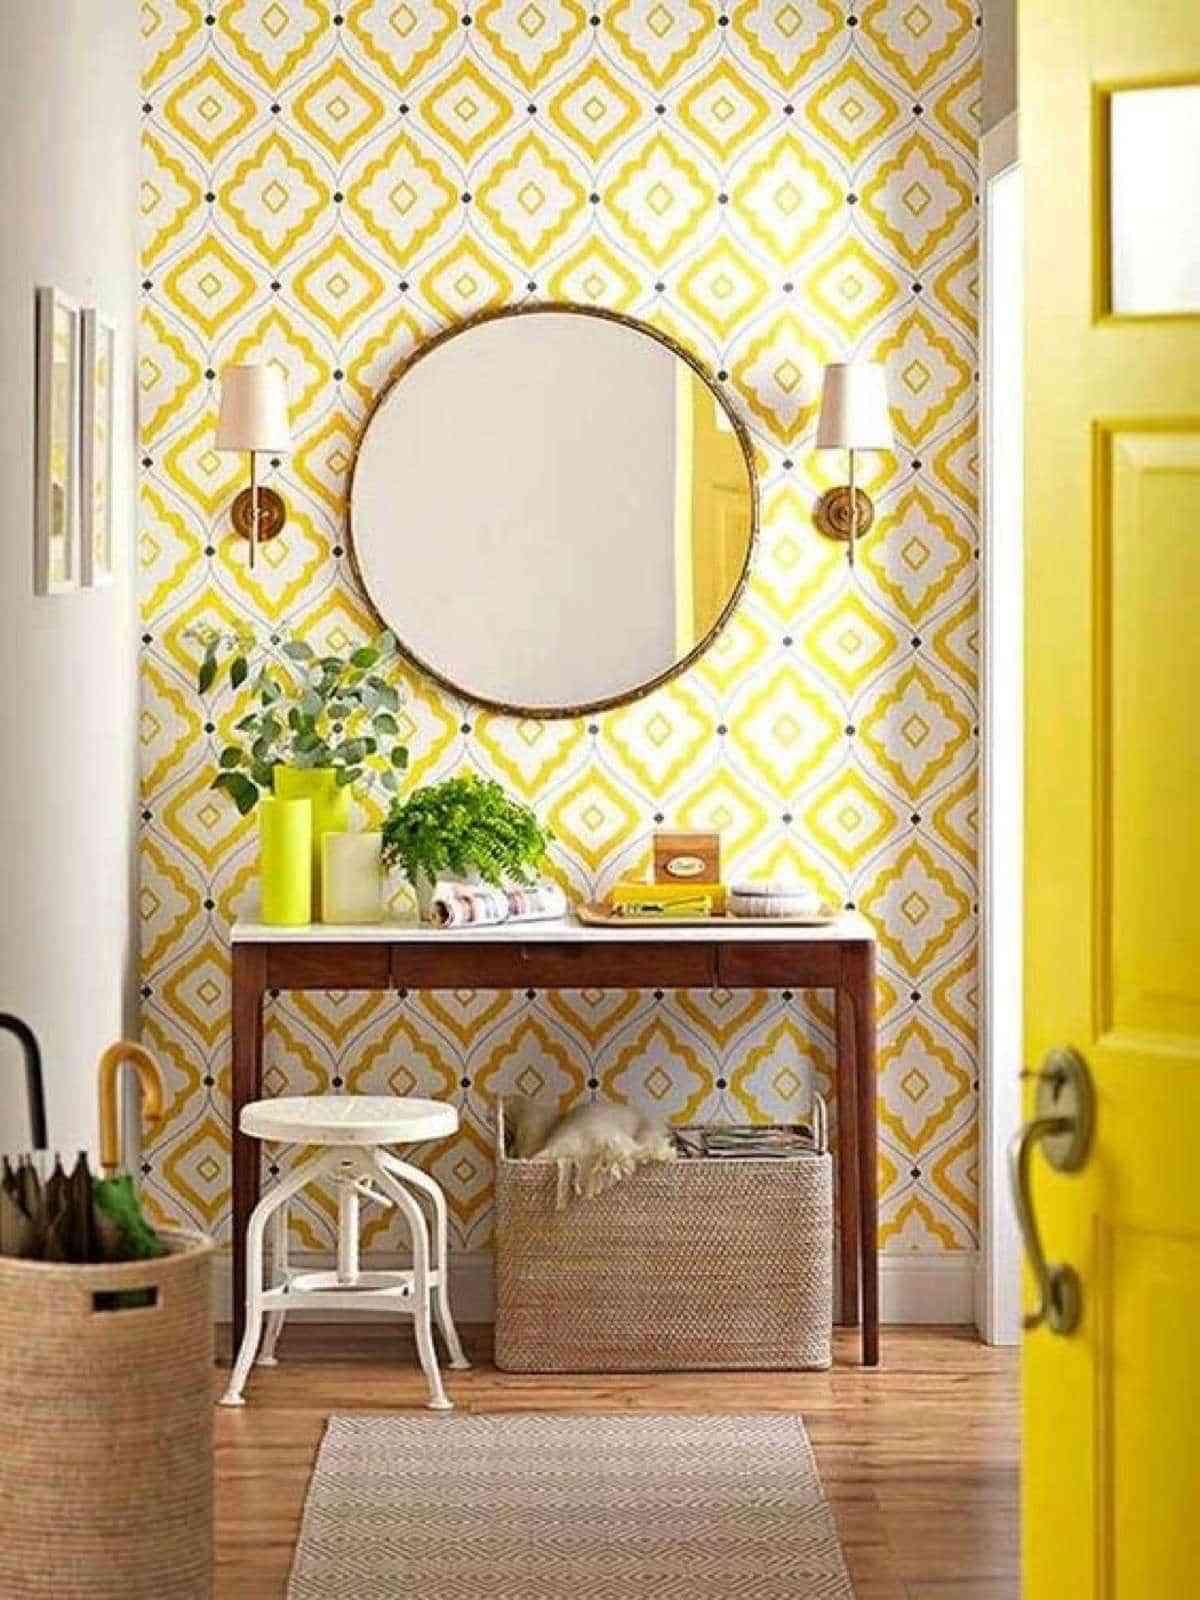 Cu L De Estos 5 Es El Mejor Papel Pintado Para El Recibidor  ~ Decorar Muebles Con Papel Pintado